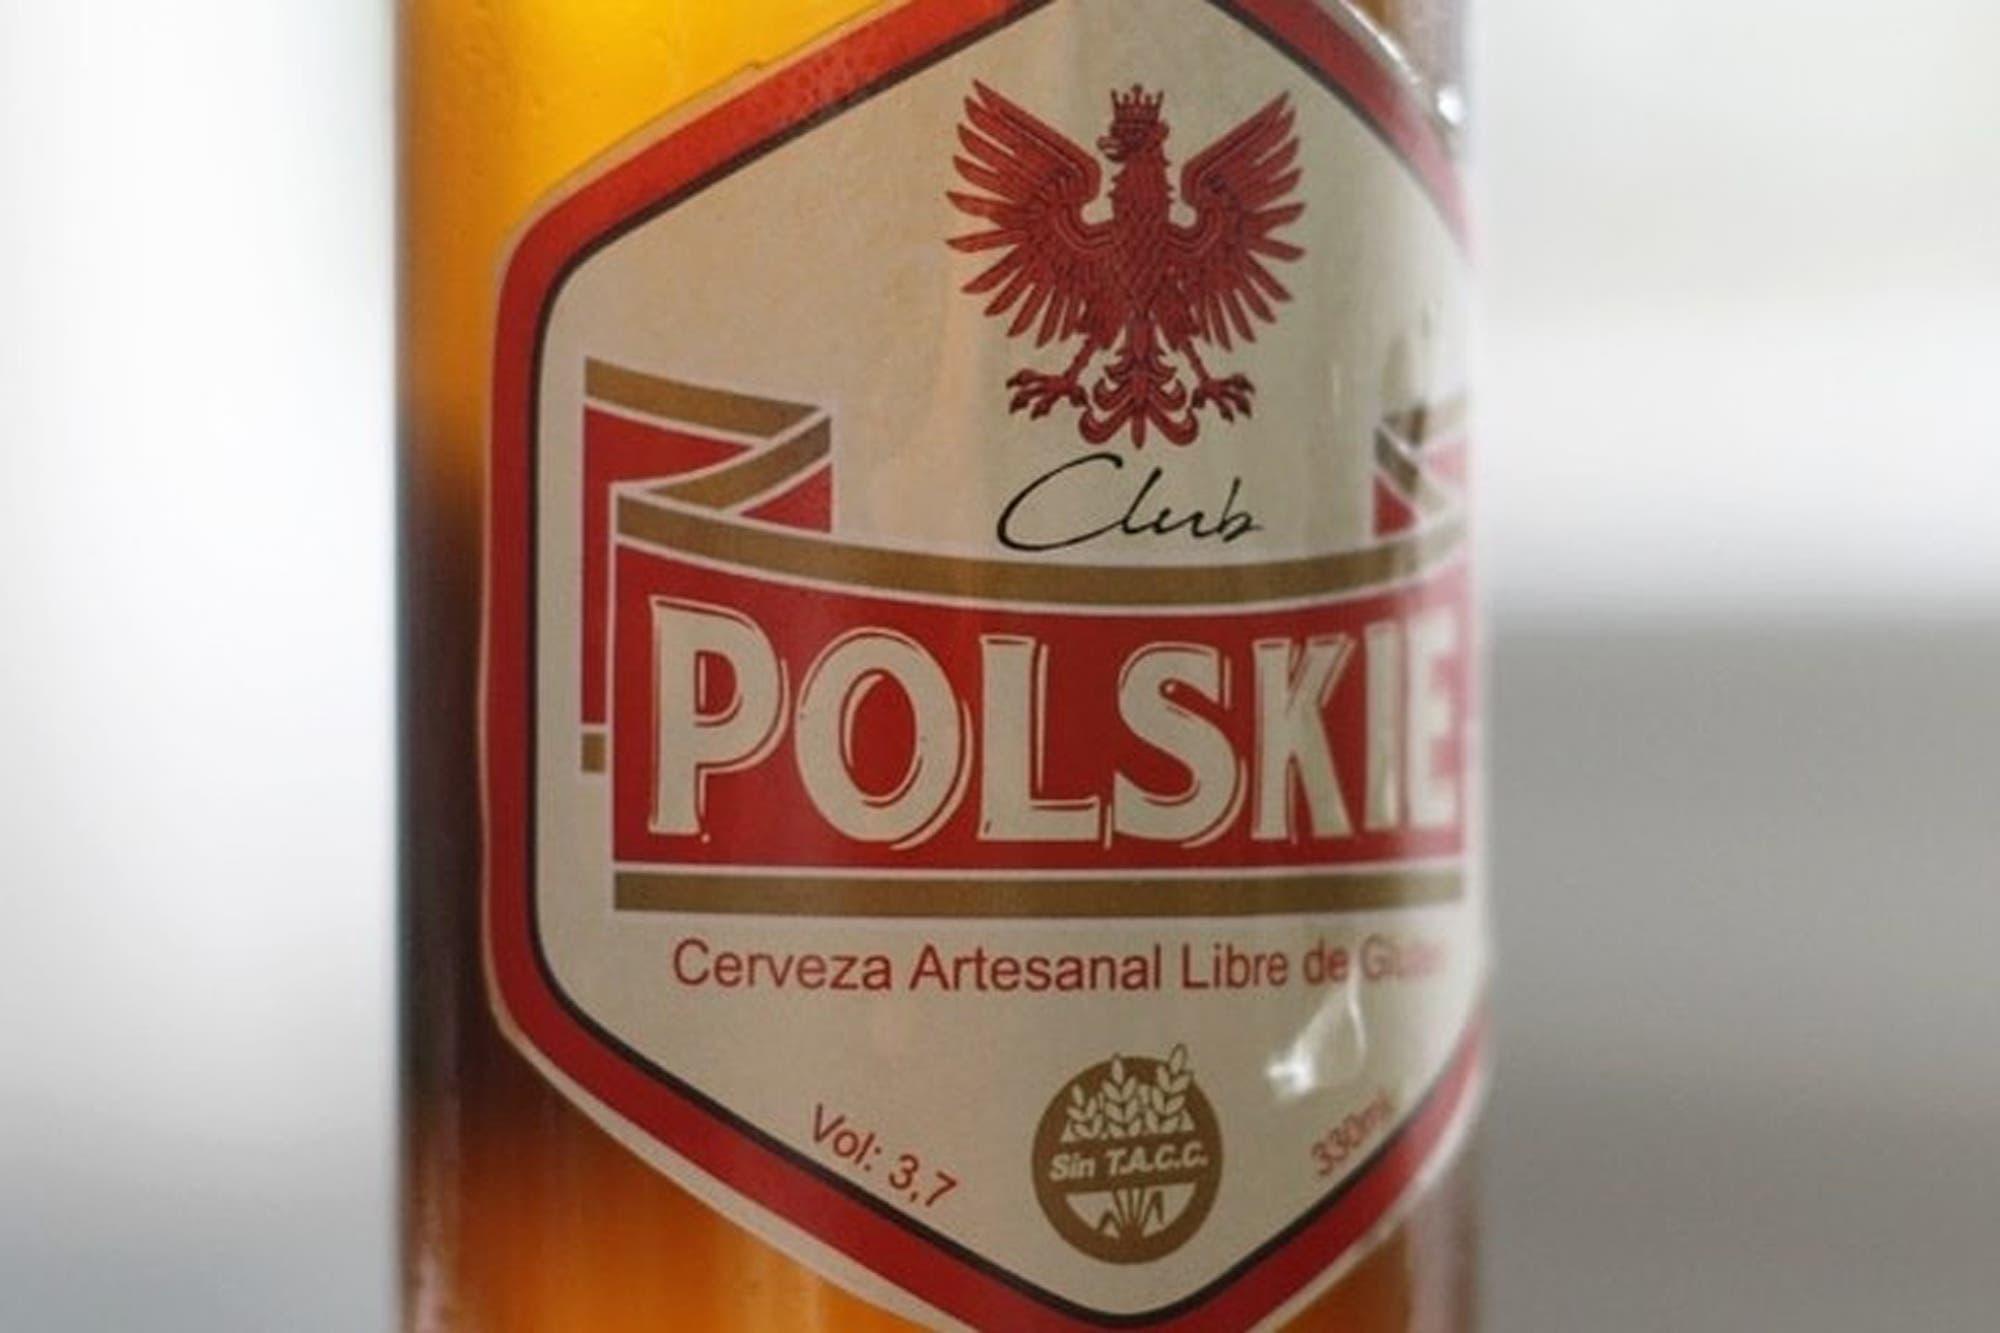 La Anmat prohibió la comercialización de una cerveza artesanal, entre otros productos